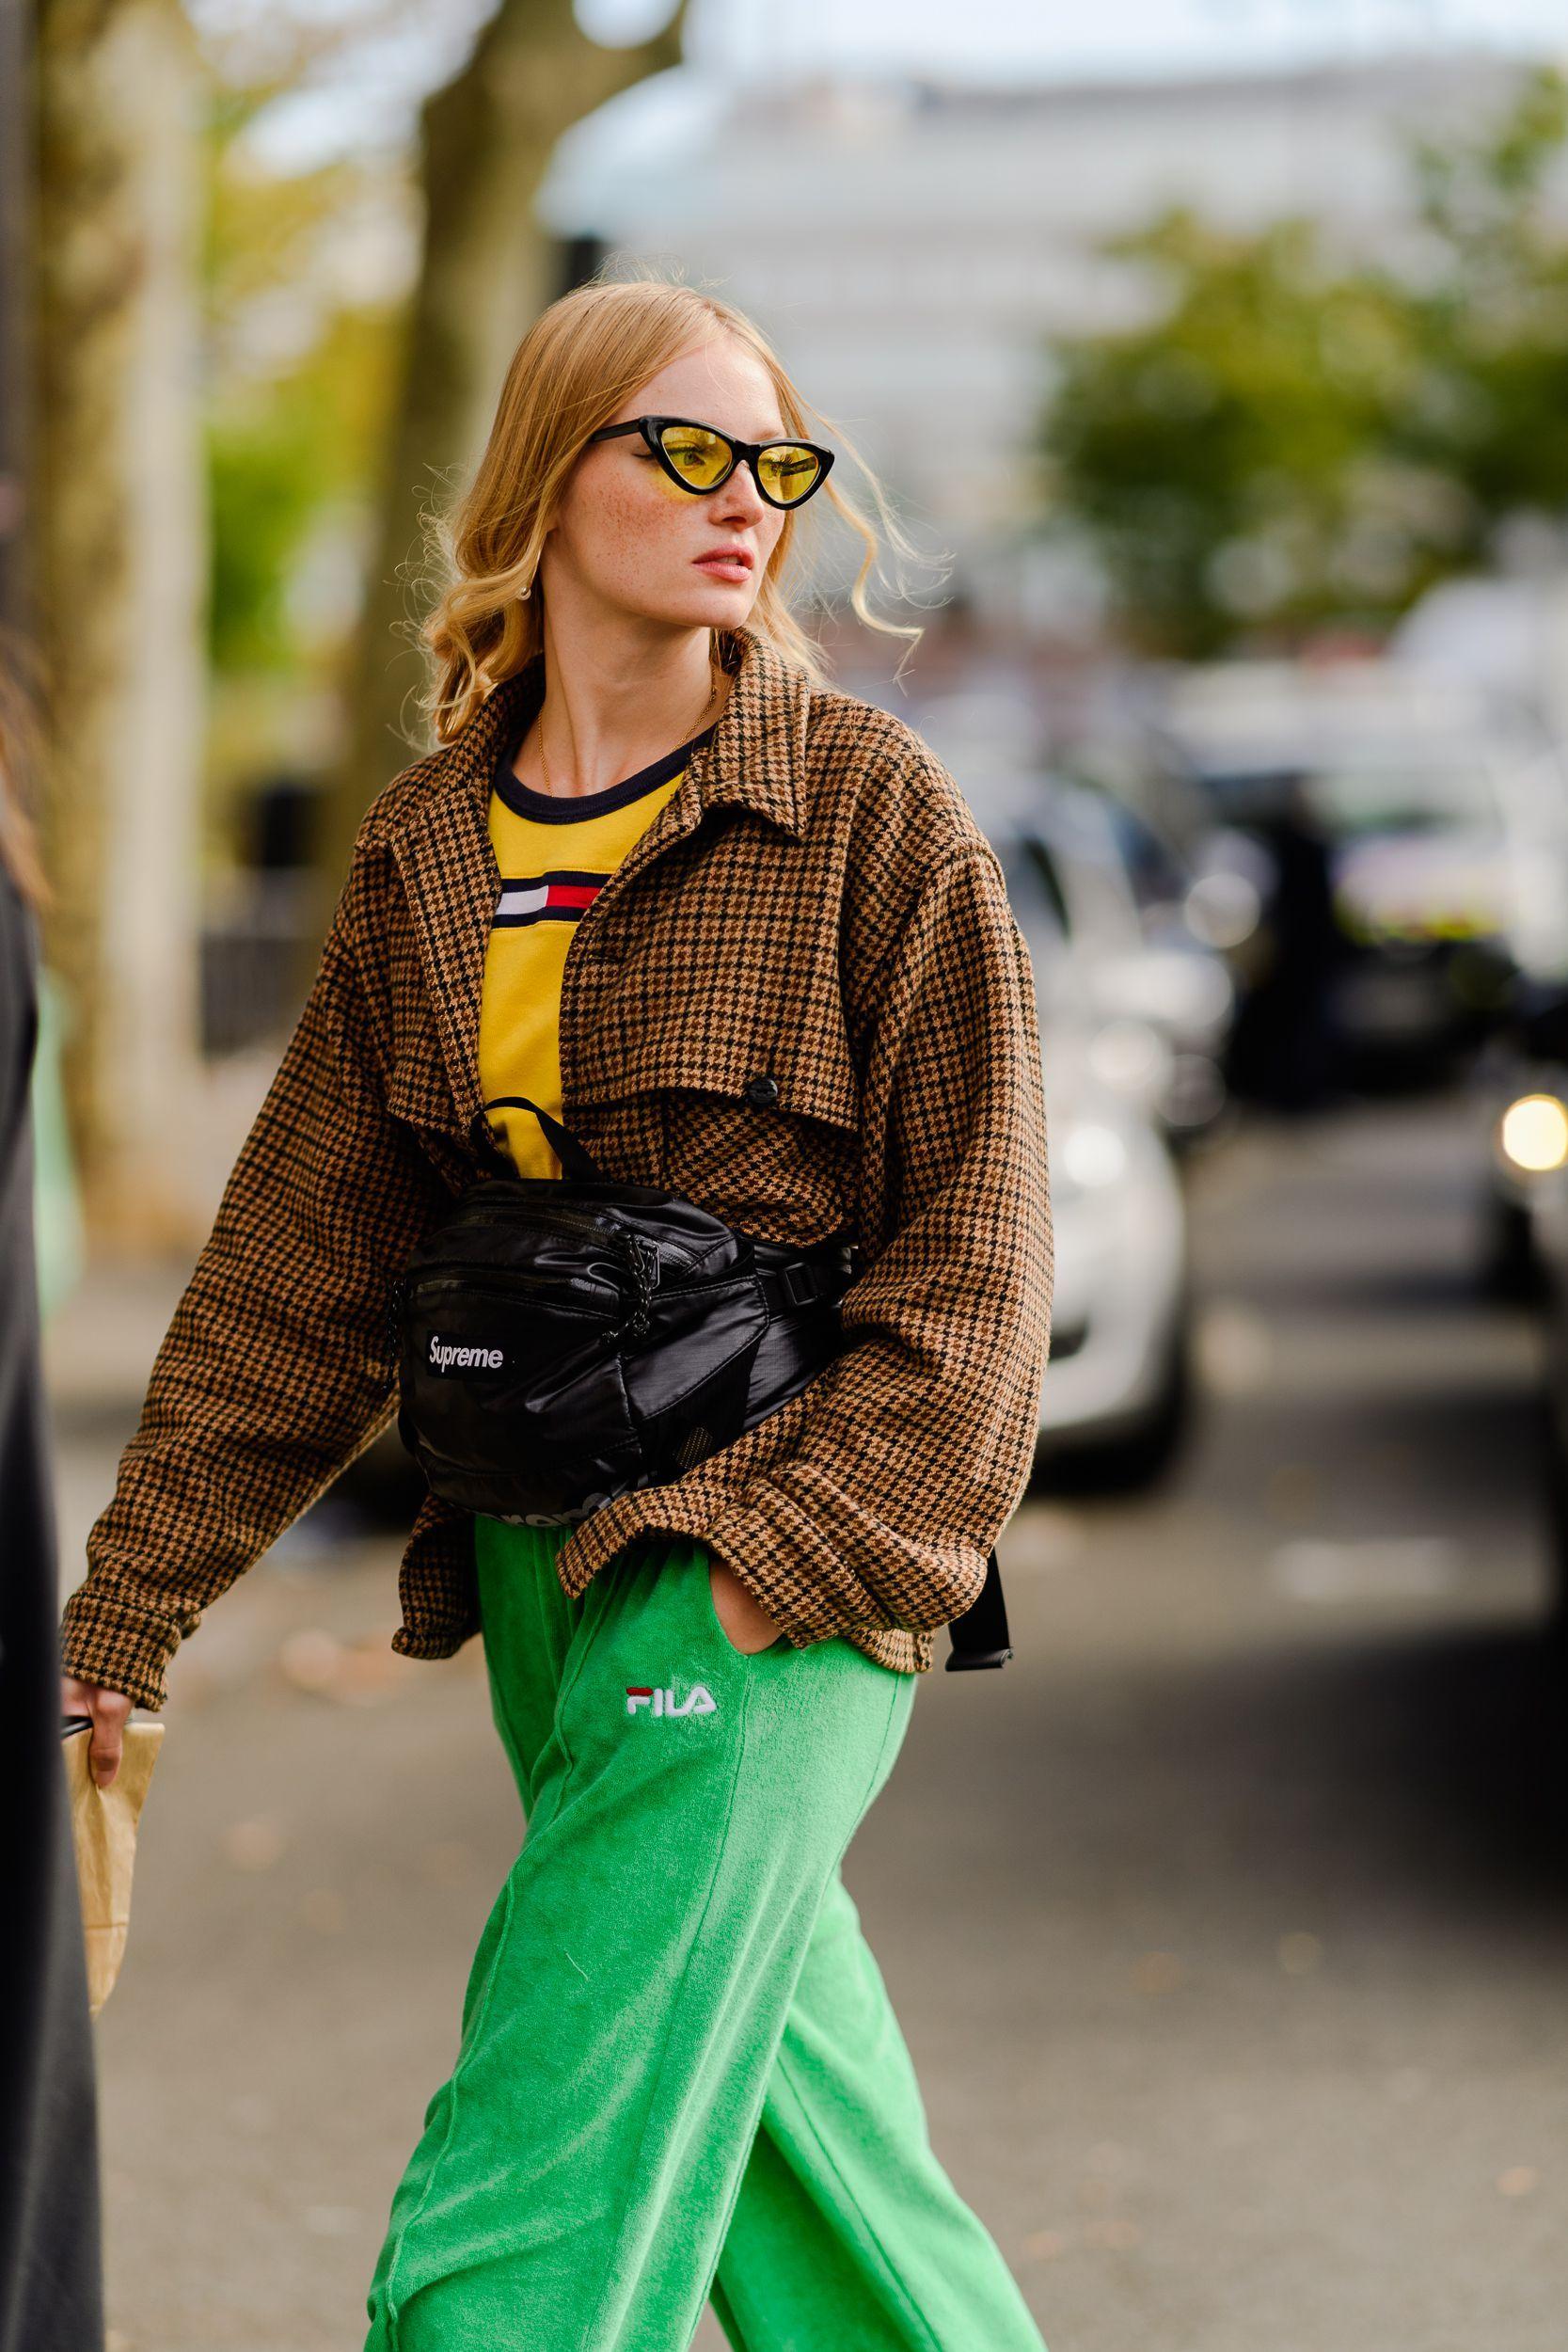 áo thun màu vàng và quần fila màu xanh lá